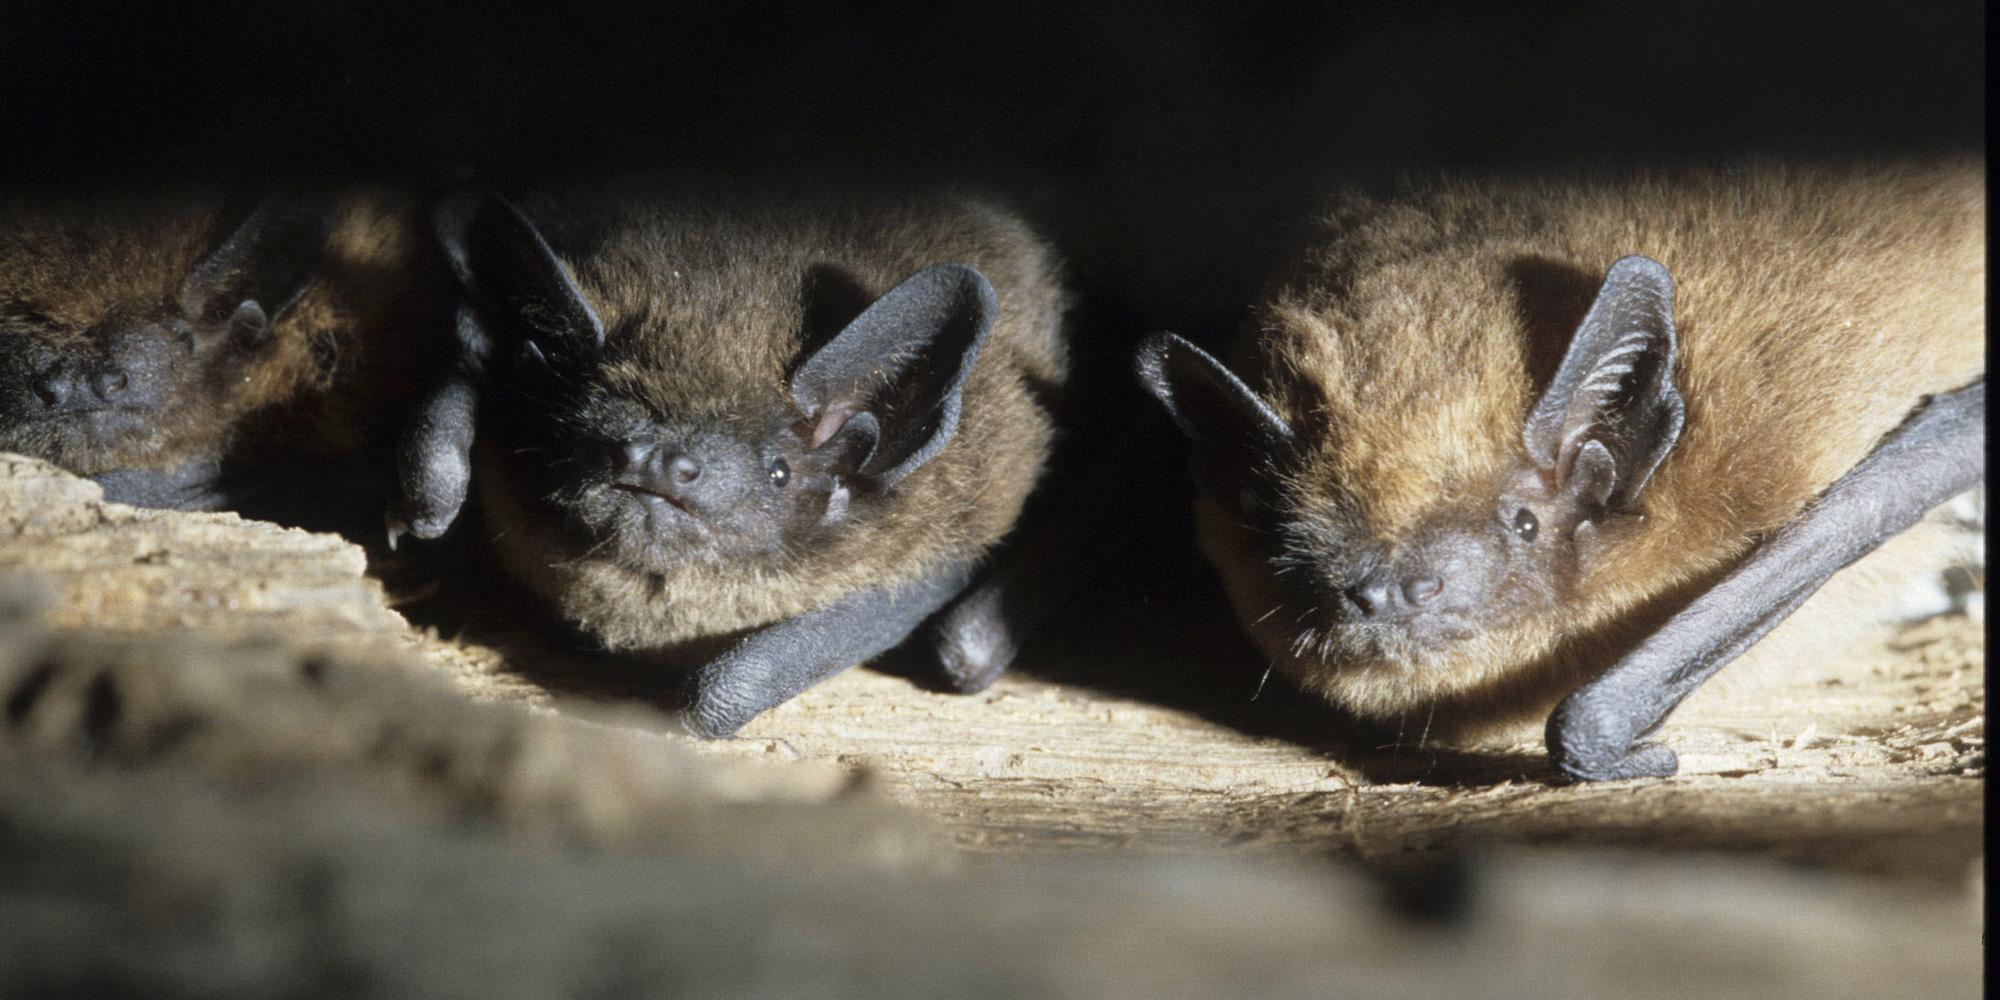 Chauves-souris, pangolins : ces animaux que l'on soupçonne un peu vite